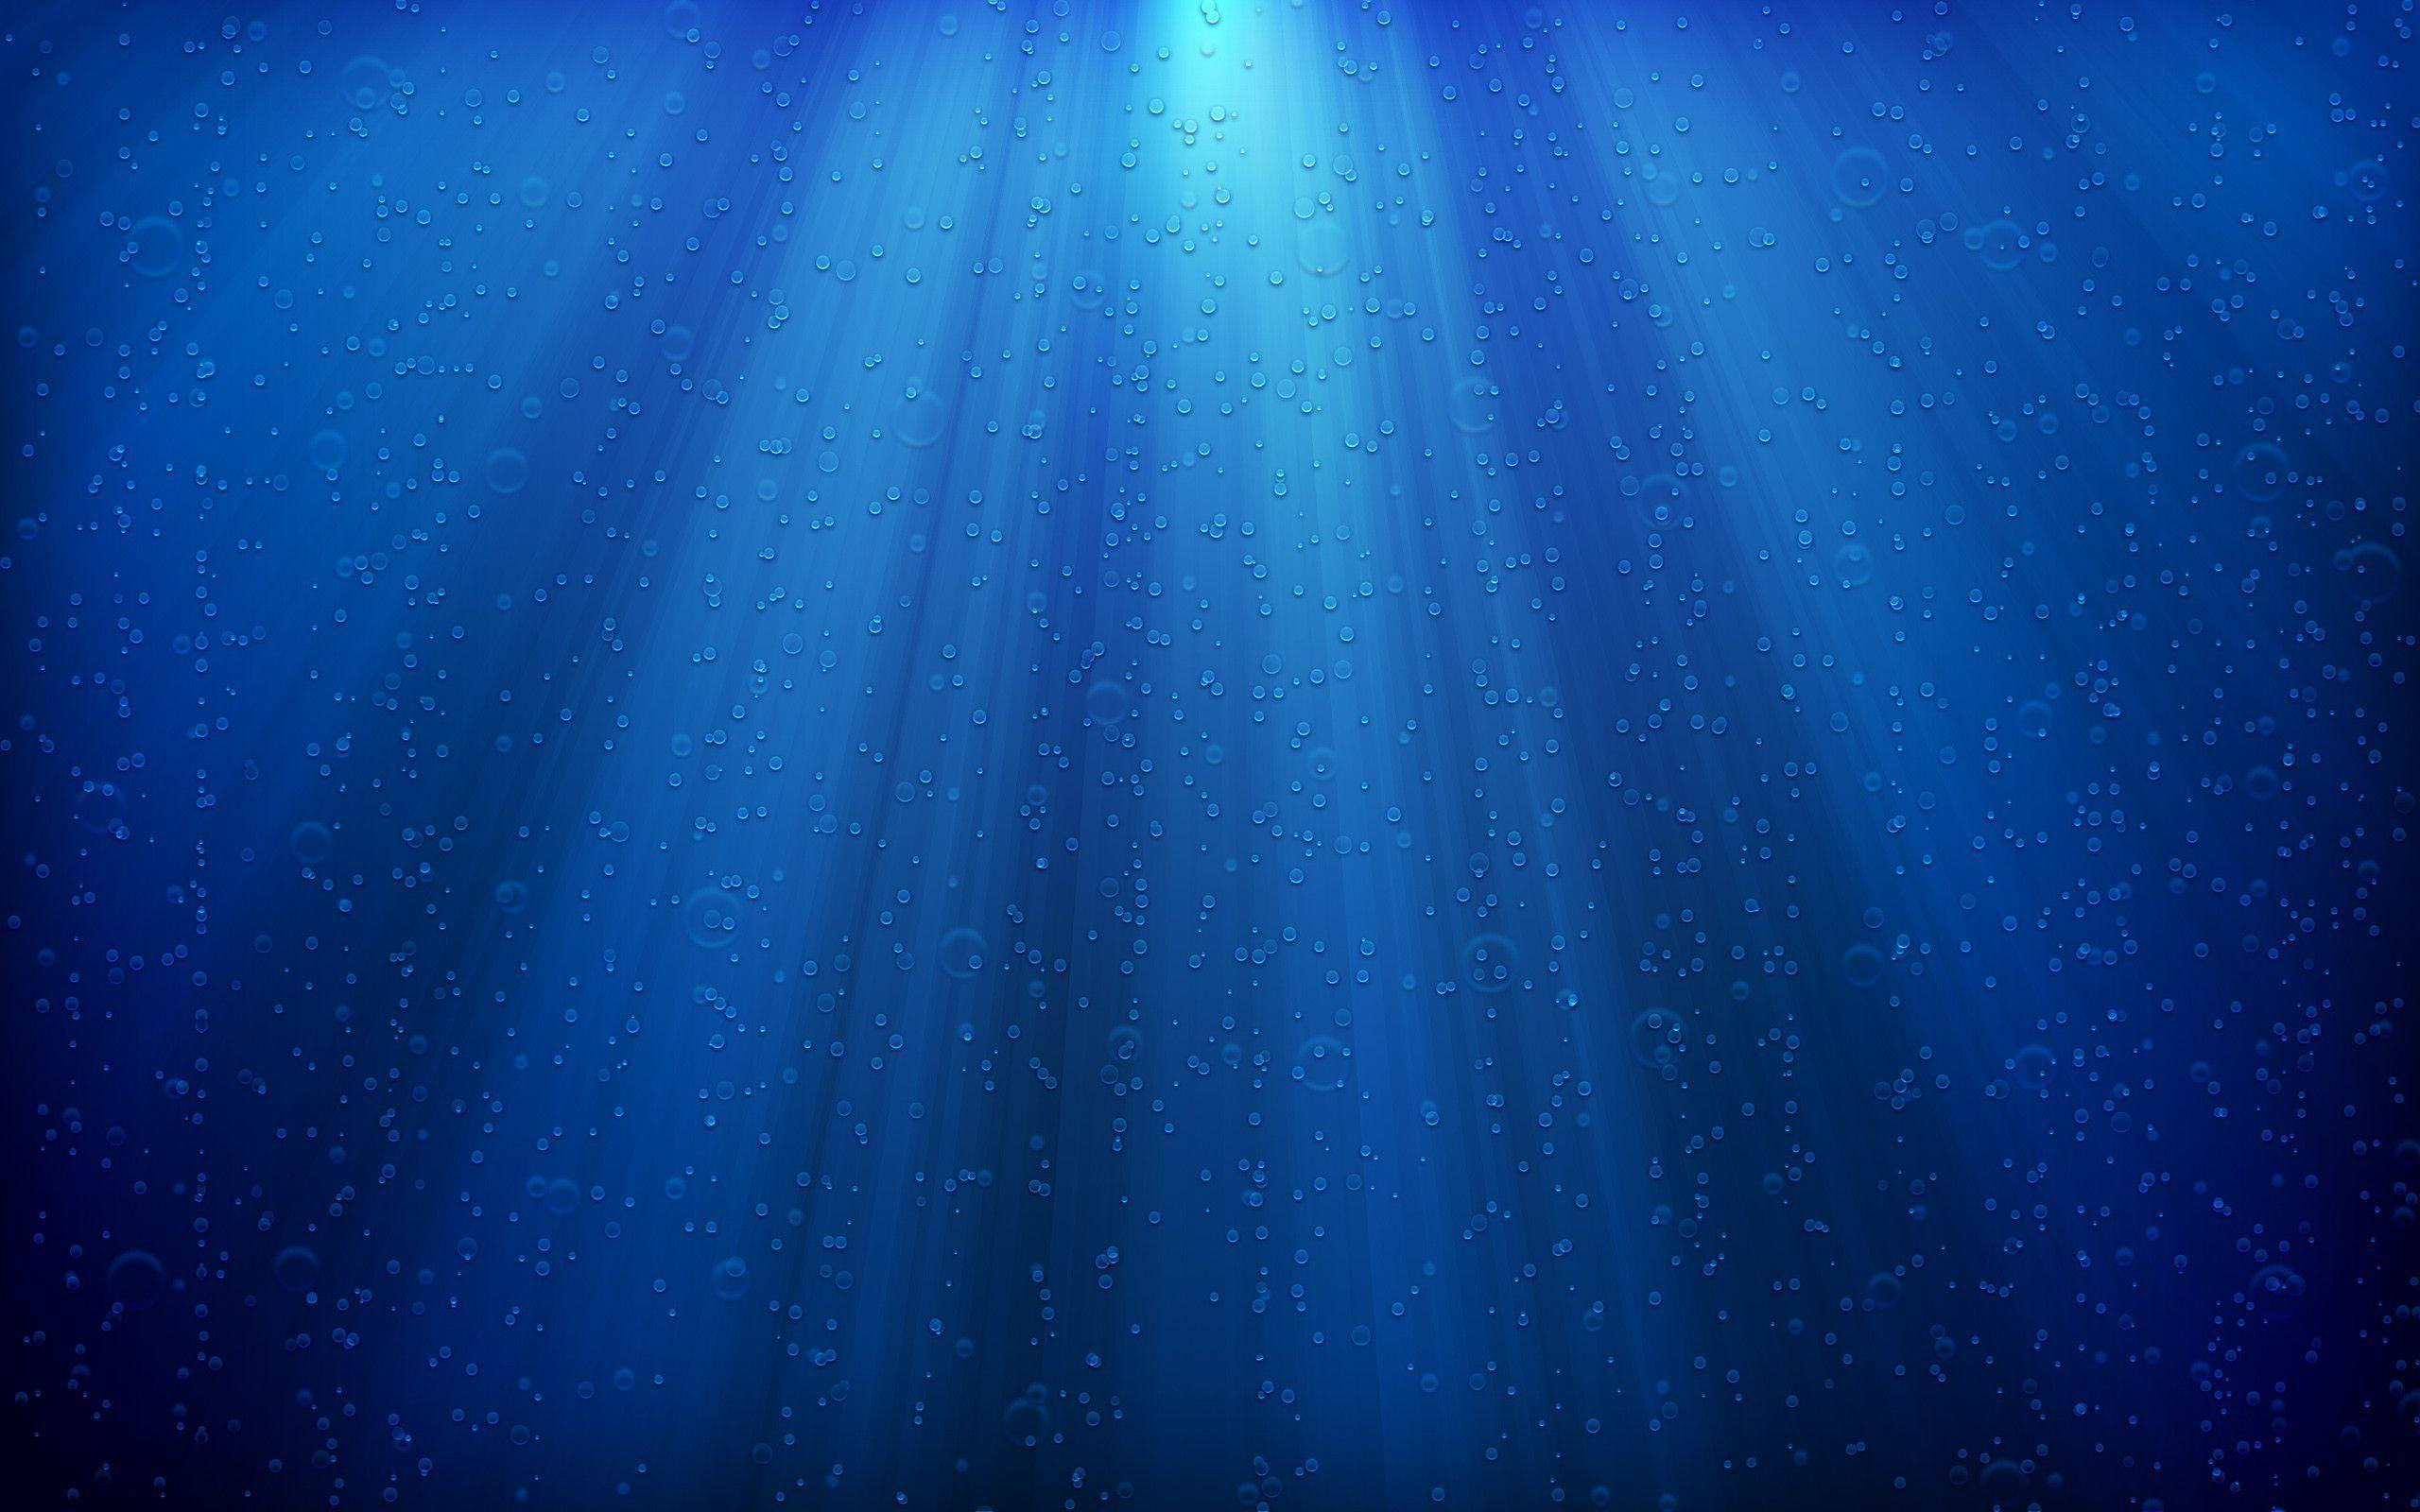 HD Wallpaper Widescreen Underwater